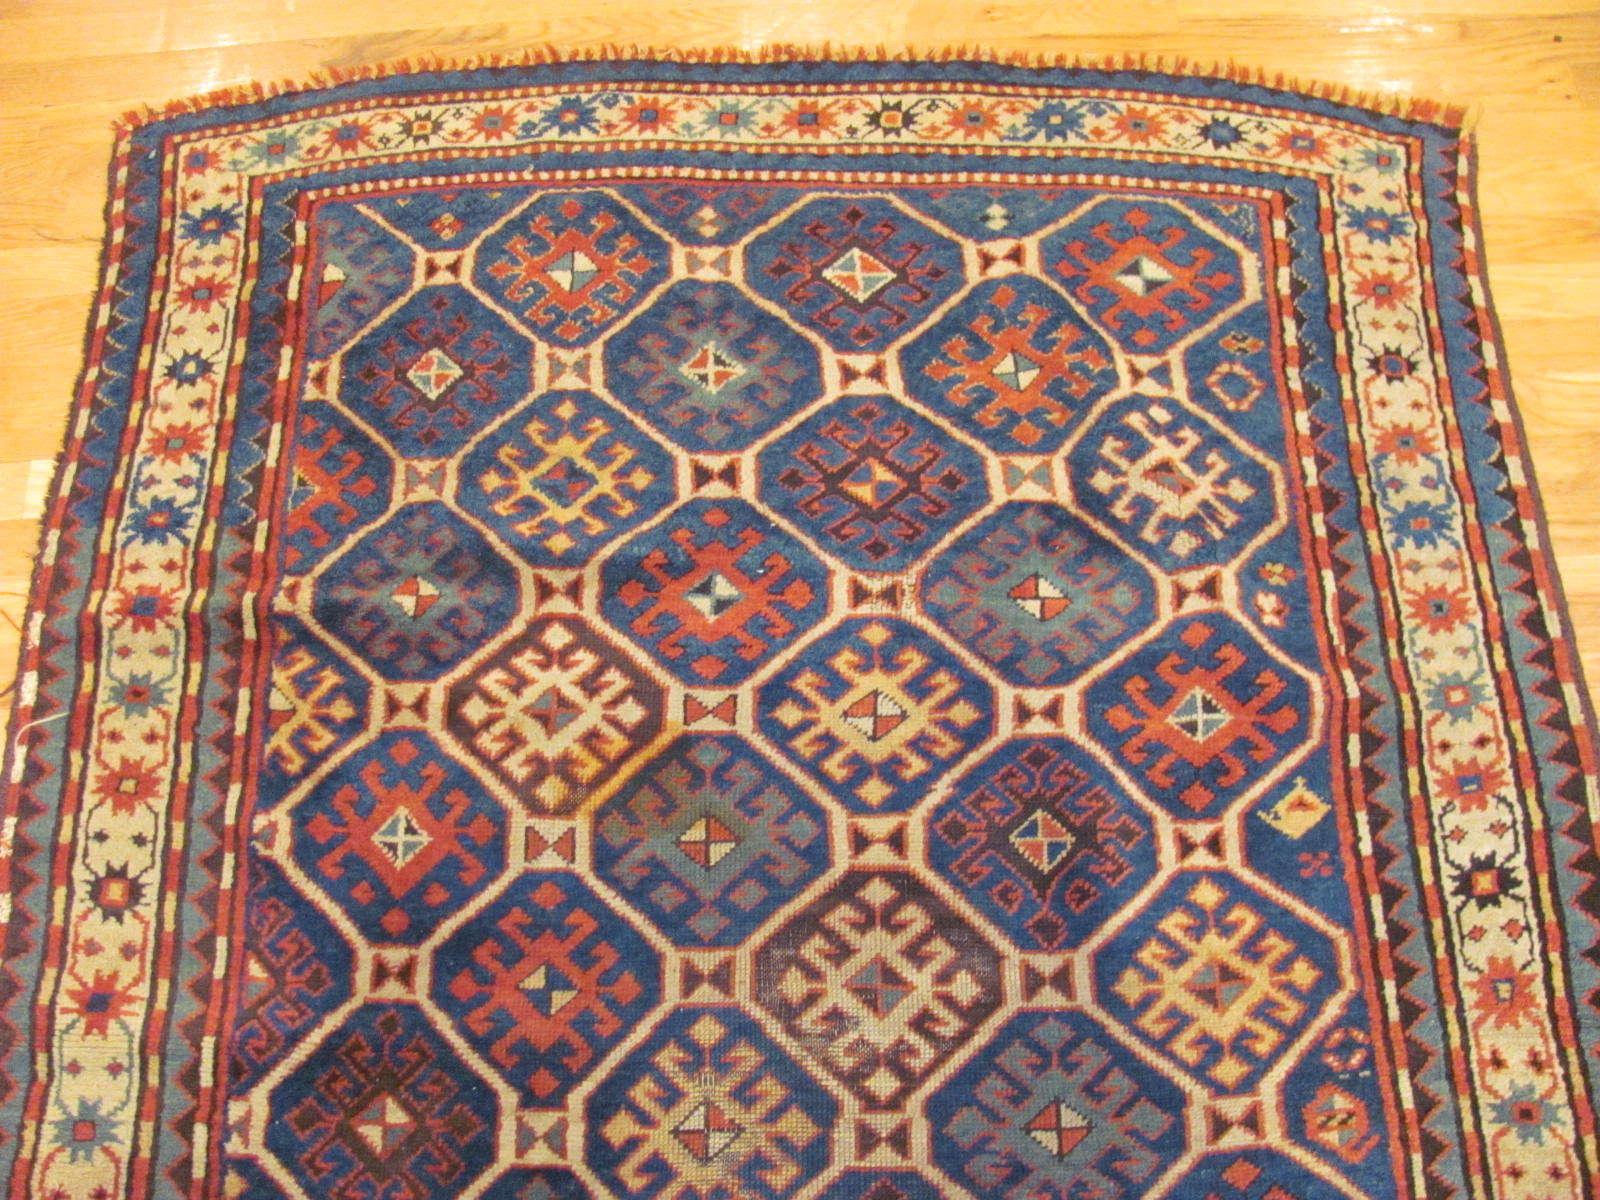 24589 antique Caucasian Kazak rug 4,1 x 6,7 -1